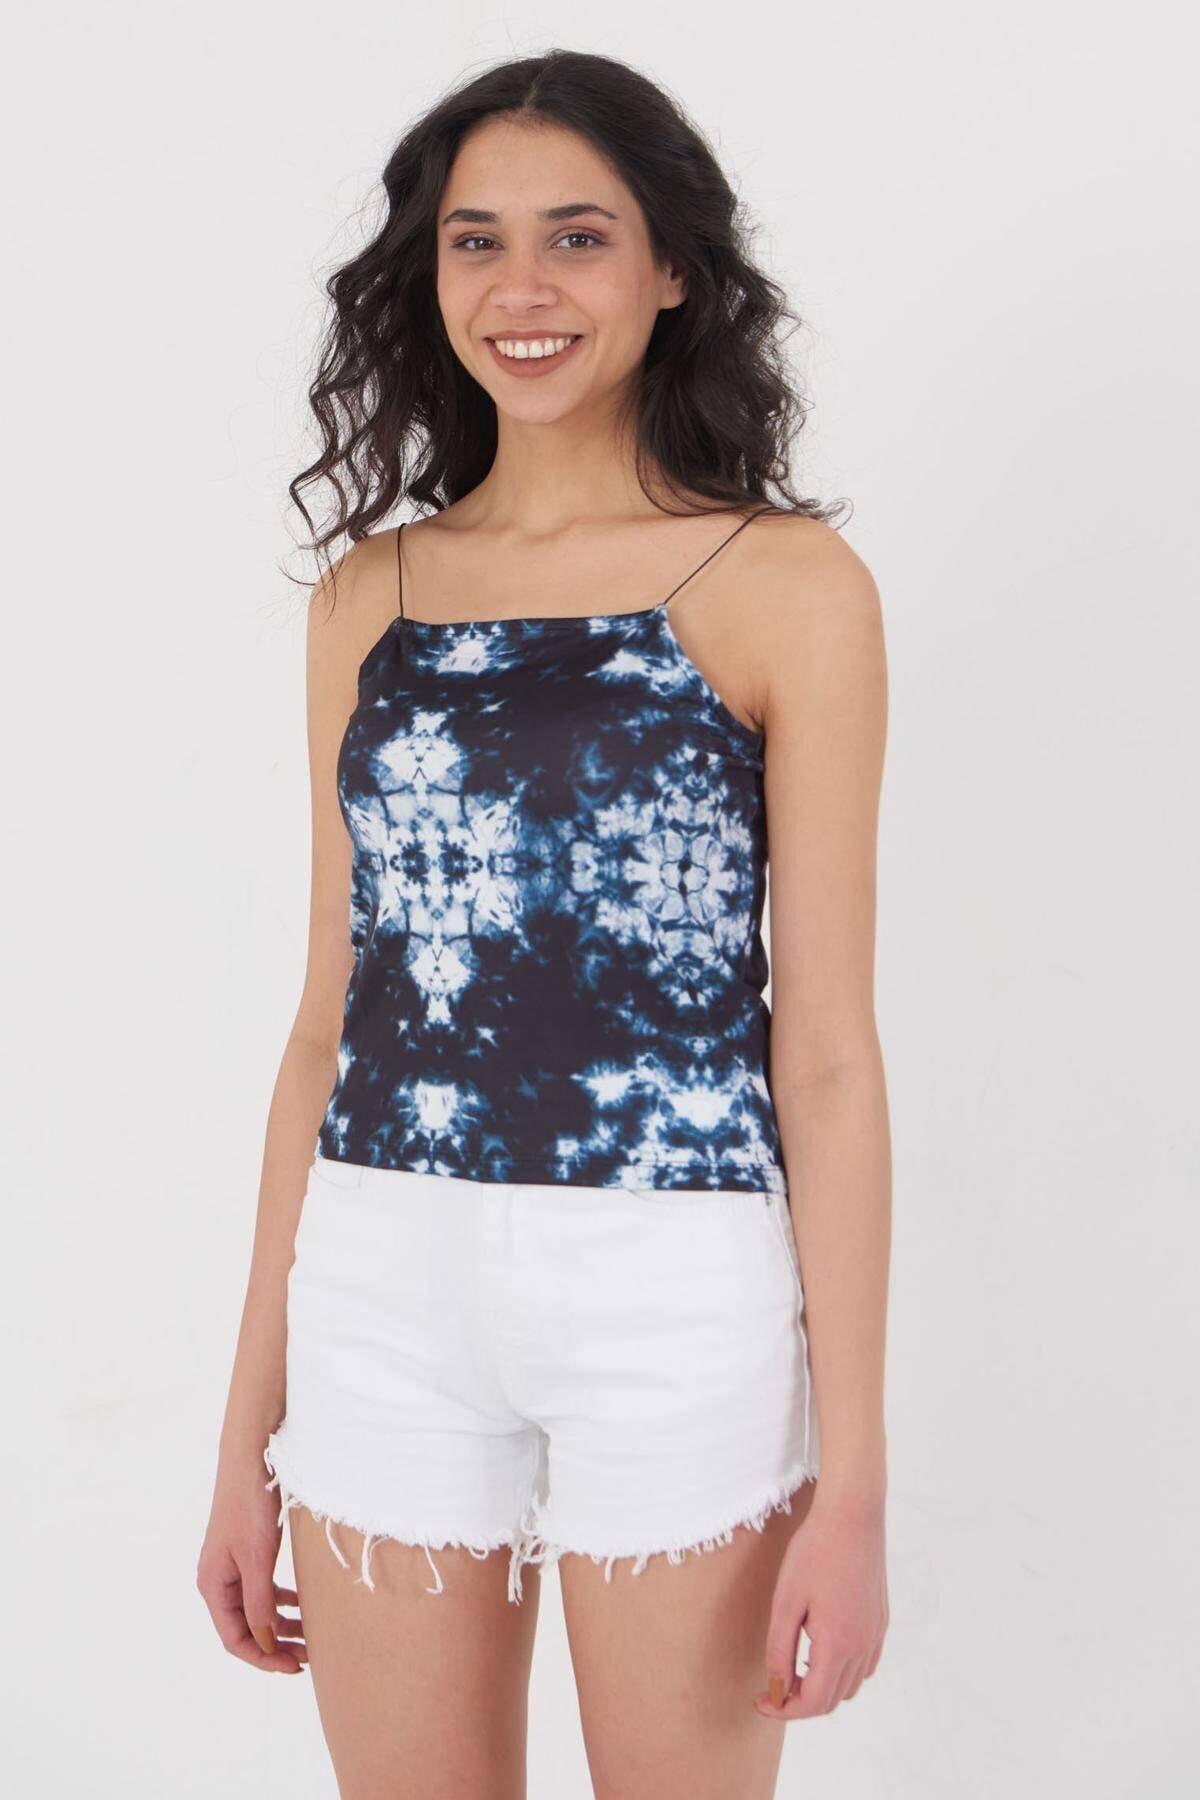 Addax Kadın Batik Ince Askılı Bluz P12237 - T8 Adx-0000023905